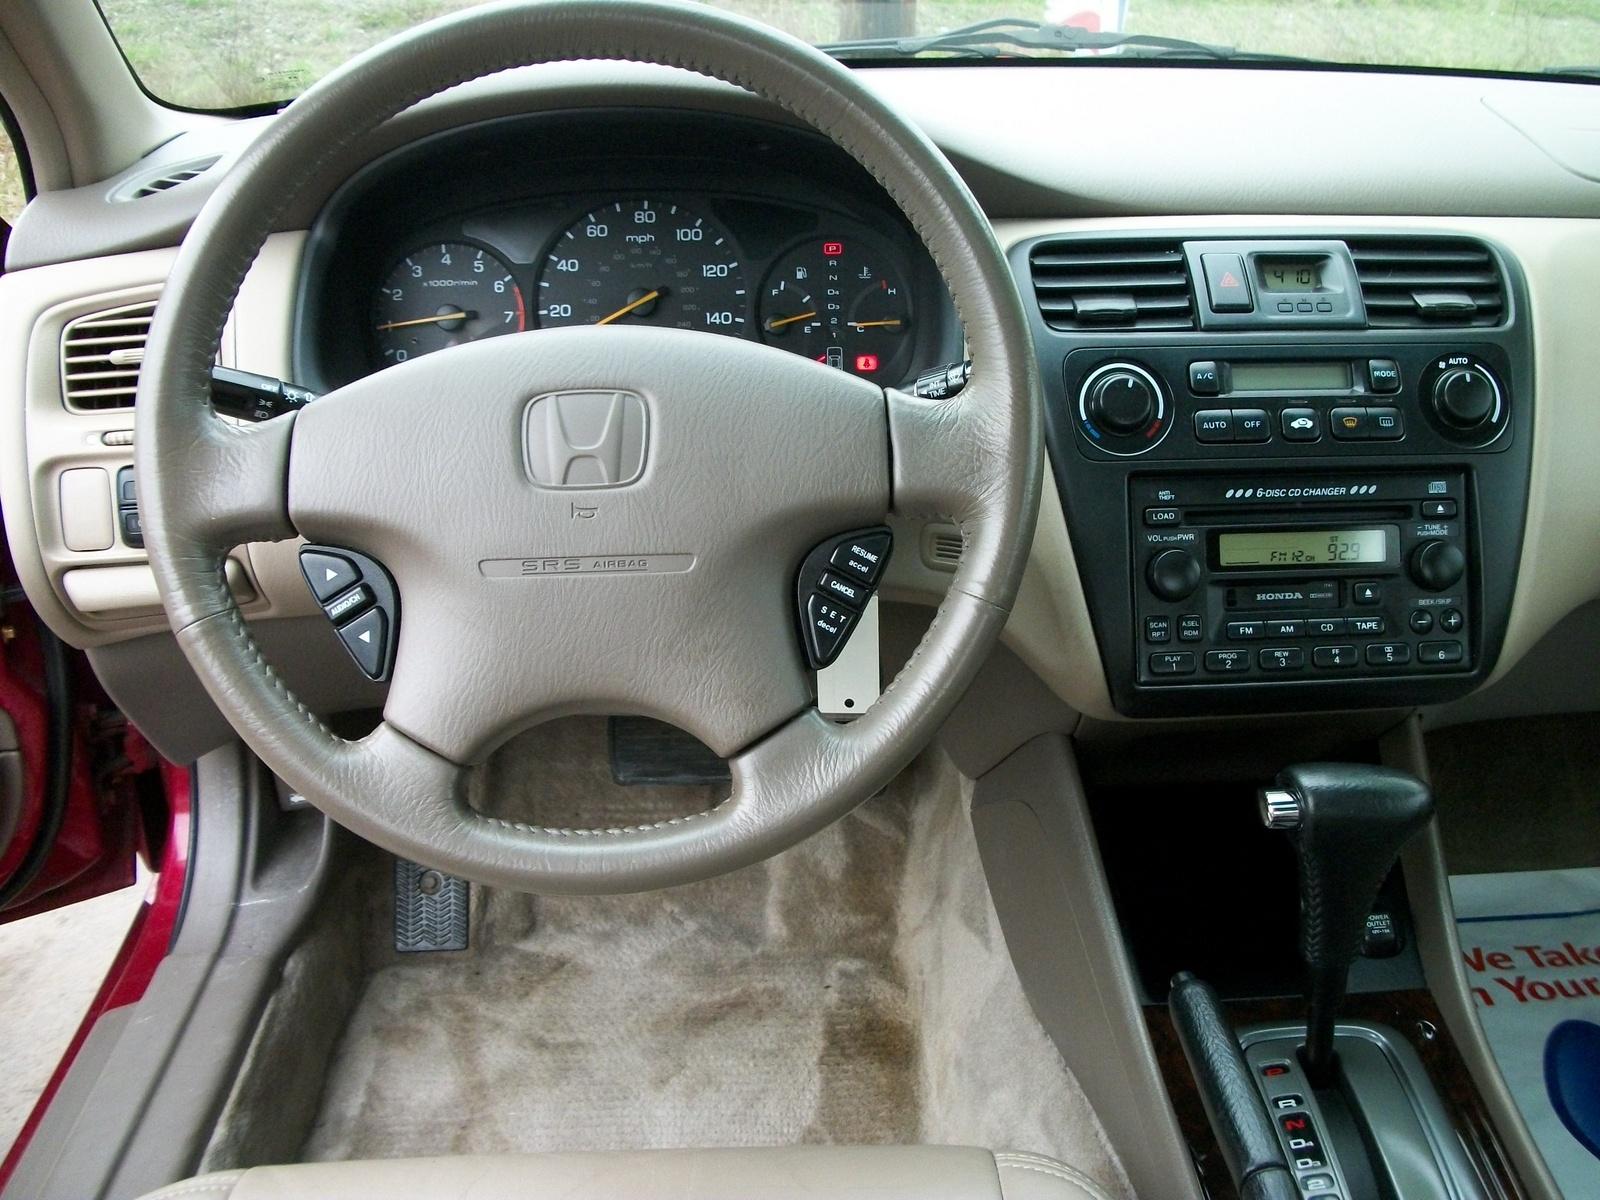 2002 Honda Accord Interior Pictures Cargurus